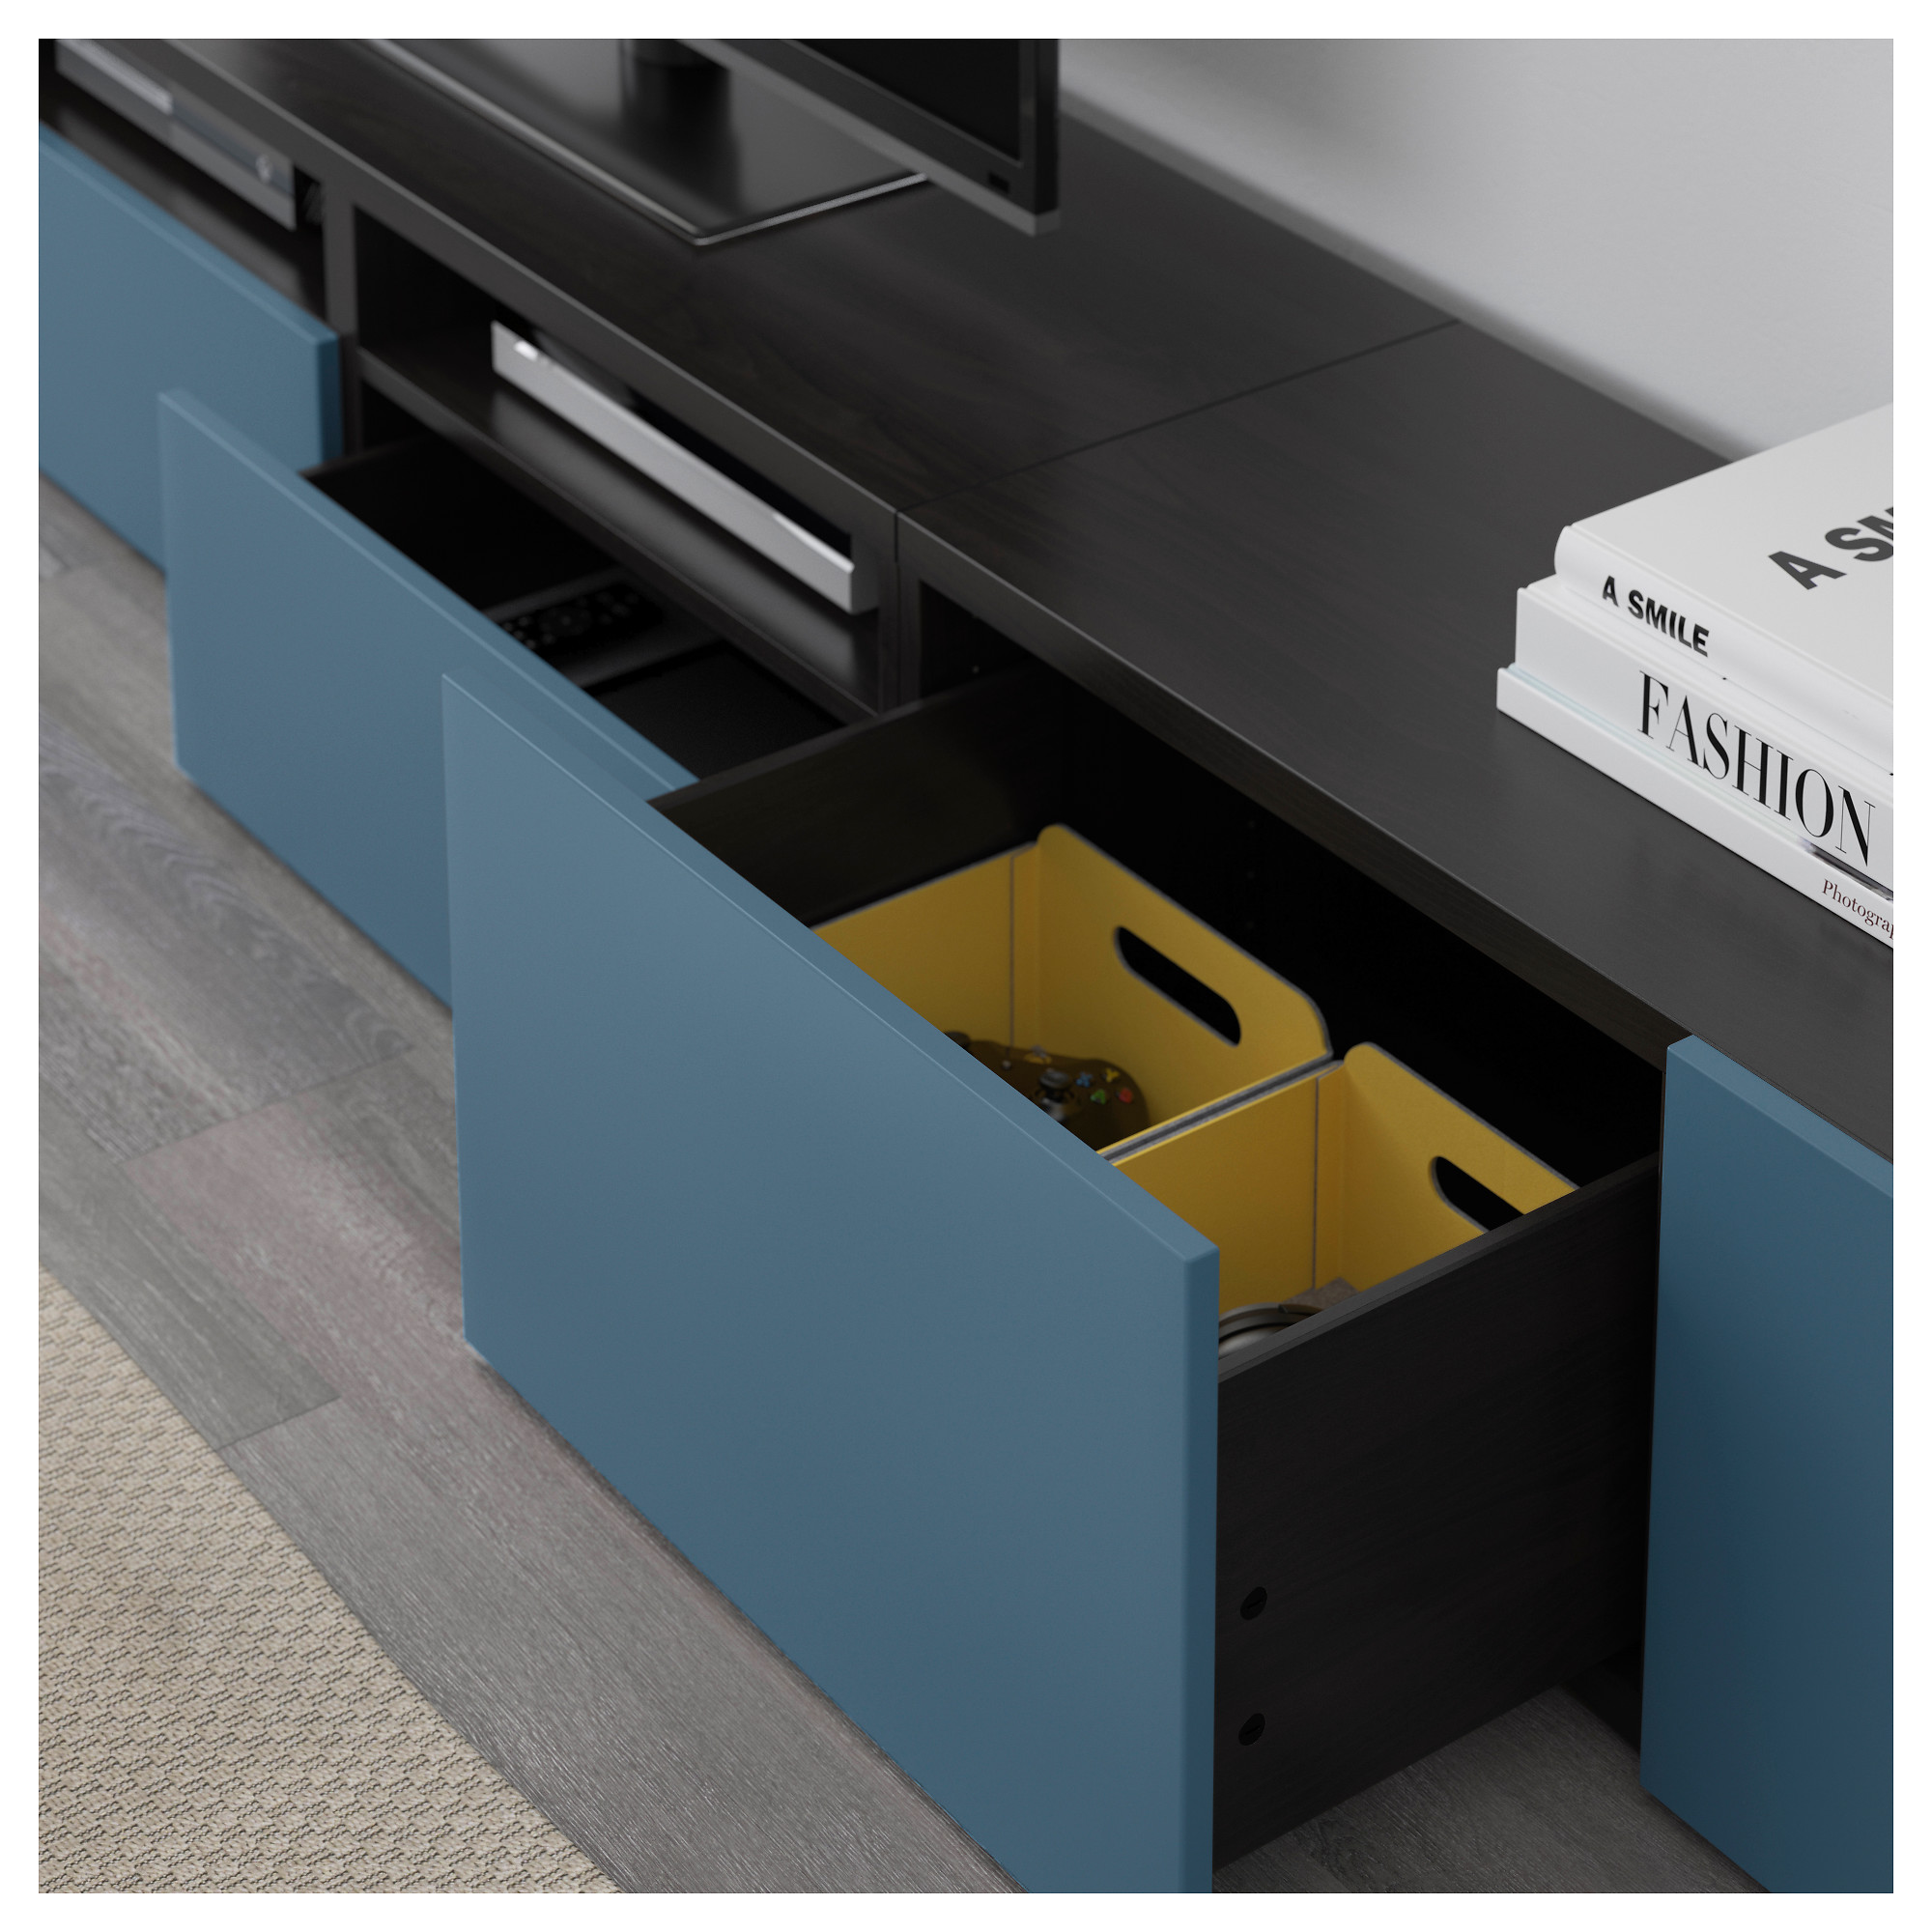 Шкаф для ТВ, комбинация БЕСТО темно-синий артикуль № 692.516.80 в наличии. Интернет магазин ИКЕА РБ. Недорогая доставка и установка.